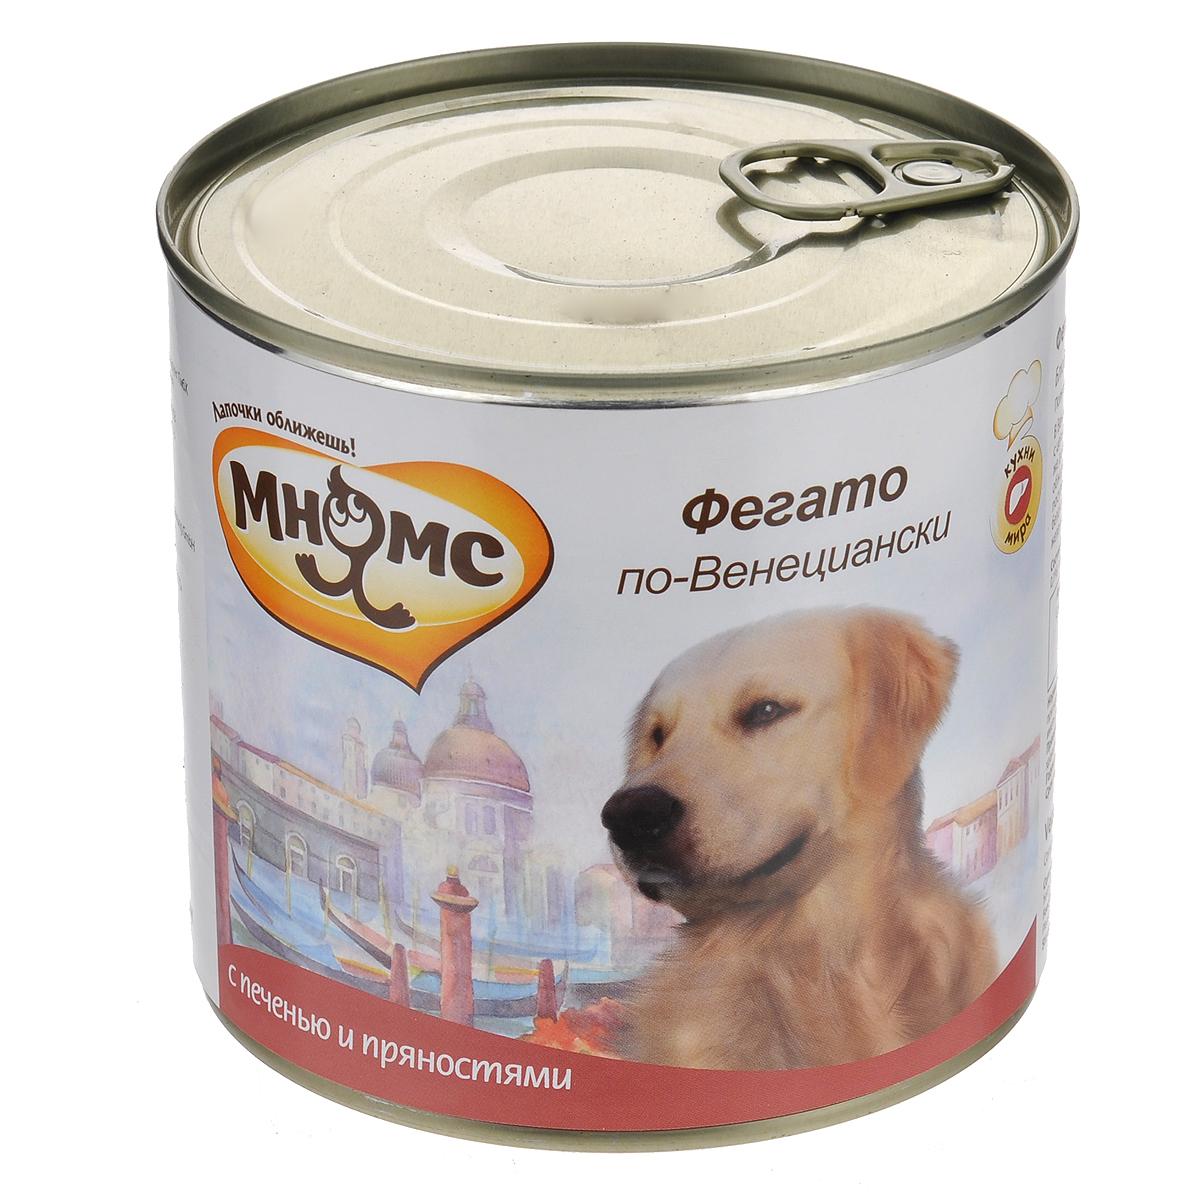 Консервы для собак Мнямс Фегато по-Венециански, с печенью и пряностями, 600 г57622Полнорационные корма Мнямс, производимые в Германии, содержат все необходимое для здоровой и счастливой жизни вашего питомца. Входящие в состав ингредиенты абсолютно натуральны, сбалансированы и при этом обладают высокой вкусовой привлекательностью. В Венецию современный способ приготовления печени пришёл из Древнего Рима. Только римляне, с целью сделать печень более мягкой и придать ей сладковатый вкус, использовали инжир. Венецианцам же инжир обходился слишком дорого, поэтому они придумали добавлять для этой цели белый лук. Фегато готовят очень просто: отдельно обжаренный в оливковом масле лук и слегка тронутую огнём телячью печень соединяют в одной посуде и тушат буквально несколько минут с добавлением шалфея, бальзамика, лаврового листа и белого вина. Нежная сладкая телячья печень, благоухающая ароматом трав, делает это простое блюдо желанным на любом столе. При кормлении необходимо учитывать возраст и активность животного. Собака всегда...